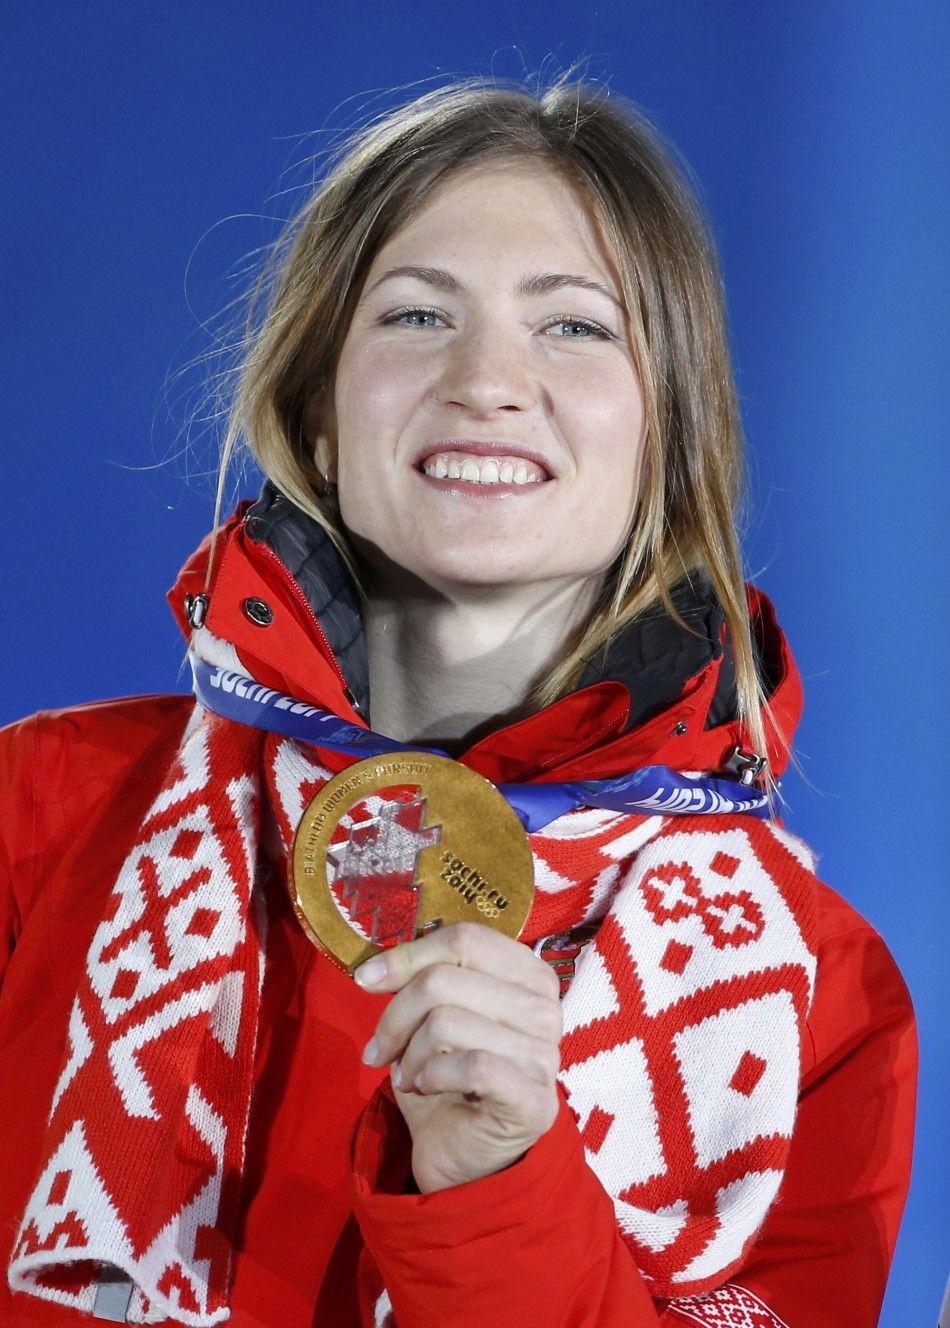 Domracheva Biathlon